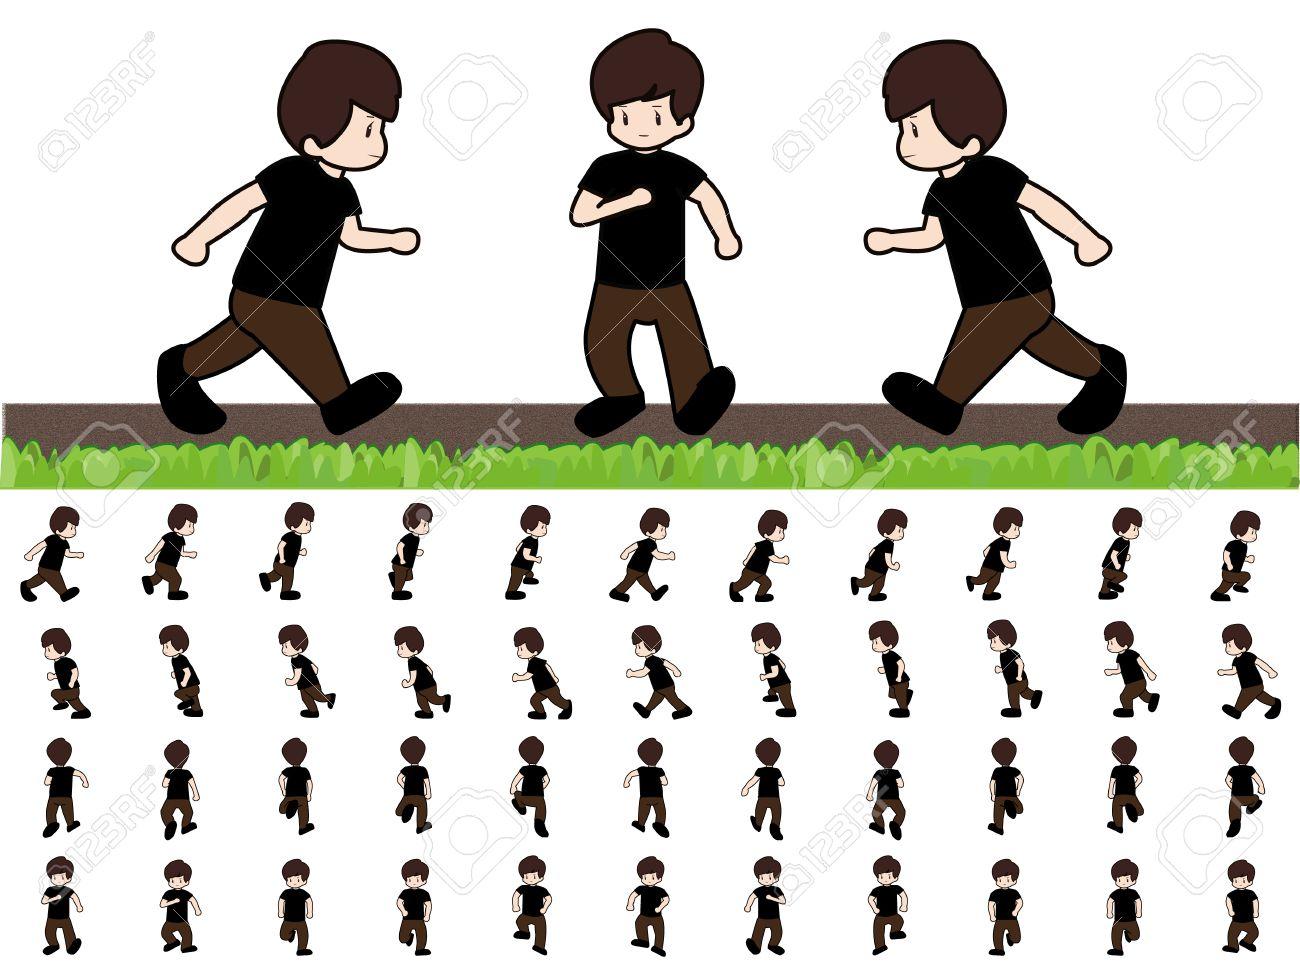 Man Frames Runningwalk Sequenz Für Game-Animation Lizenzfrei ...